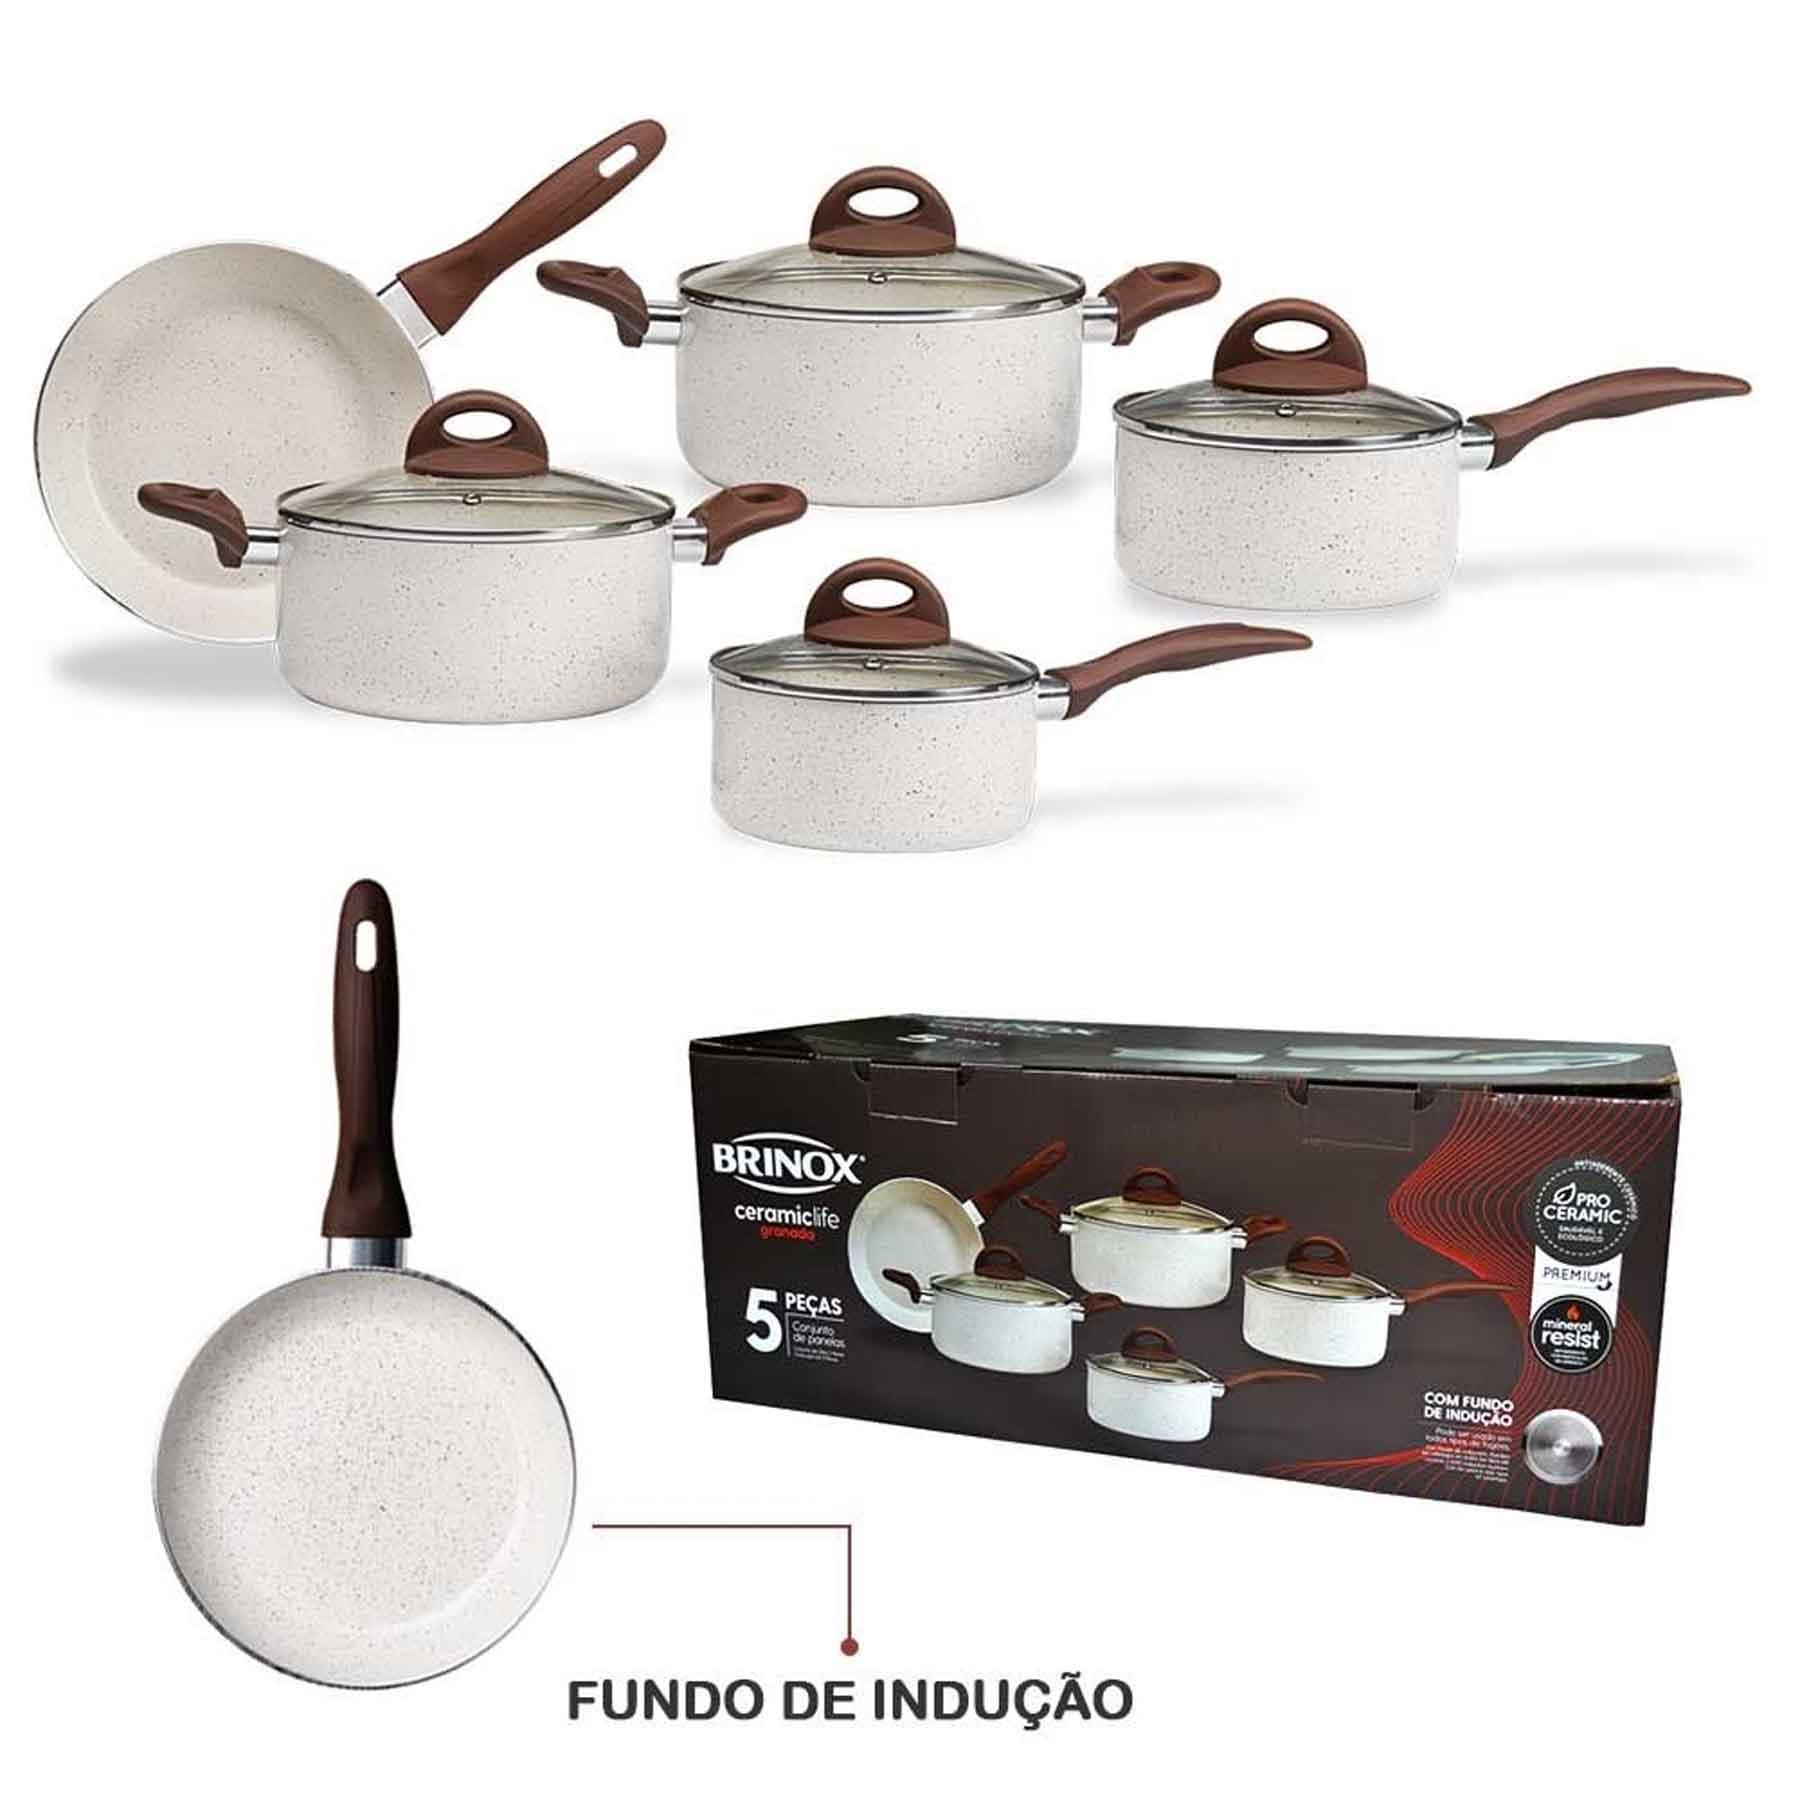 Conjunto de Panelas Brinox Ceramic Life Vanilla 5PC 4774/101